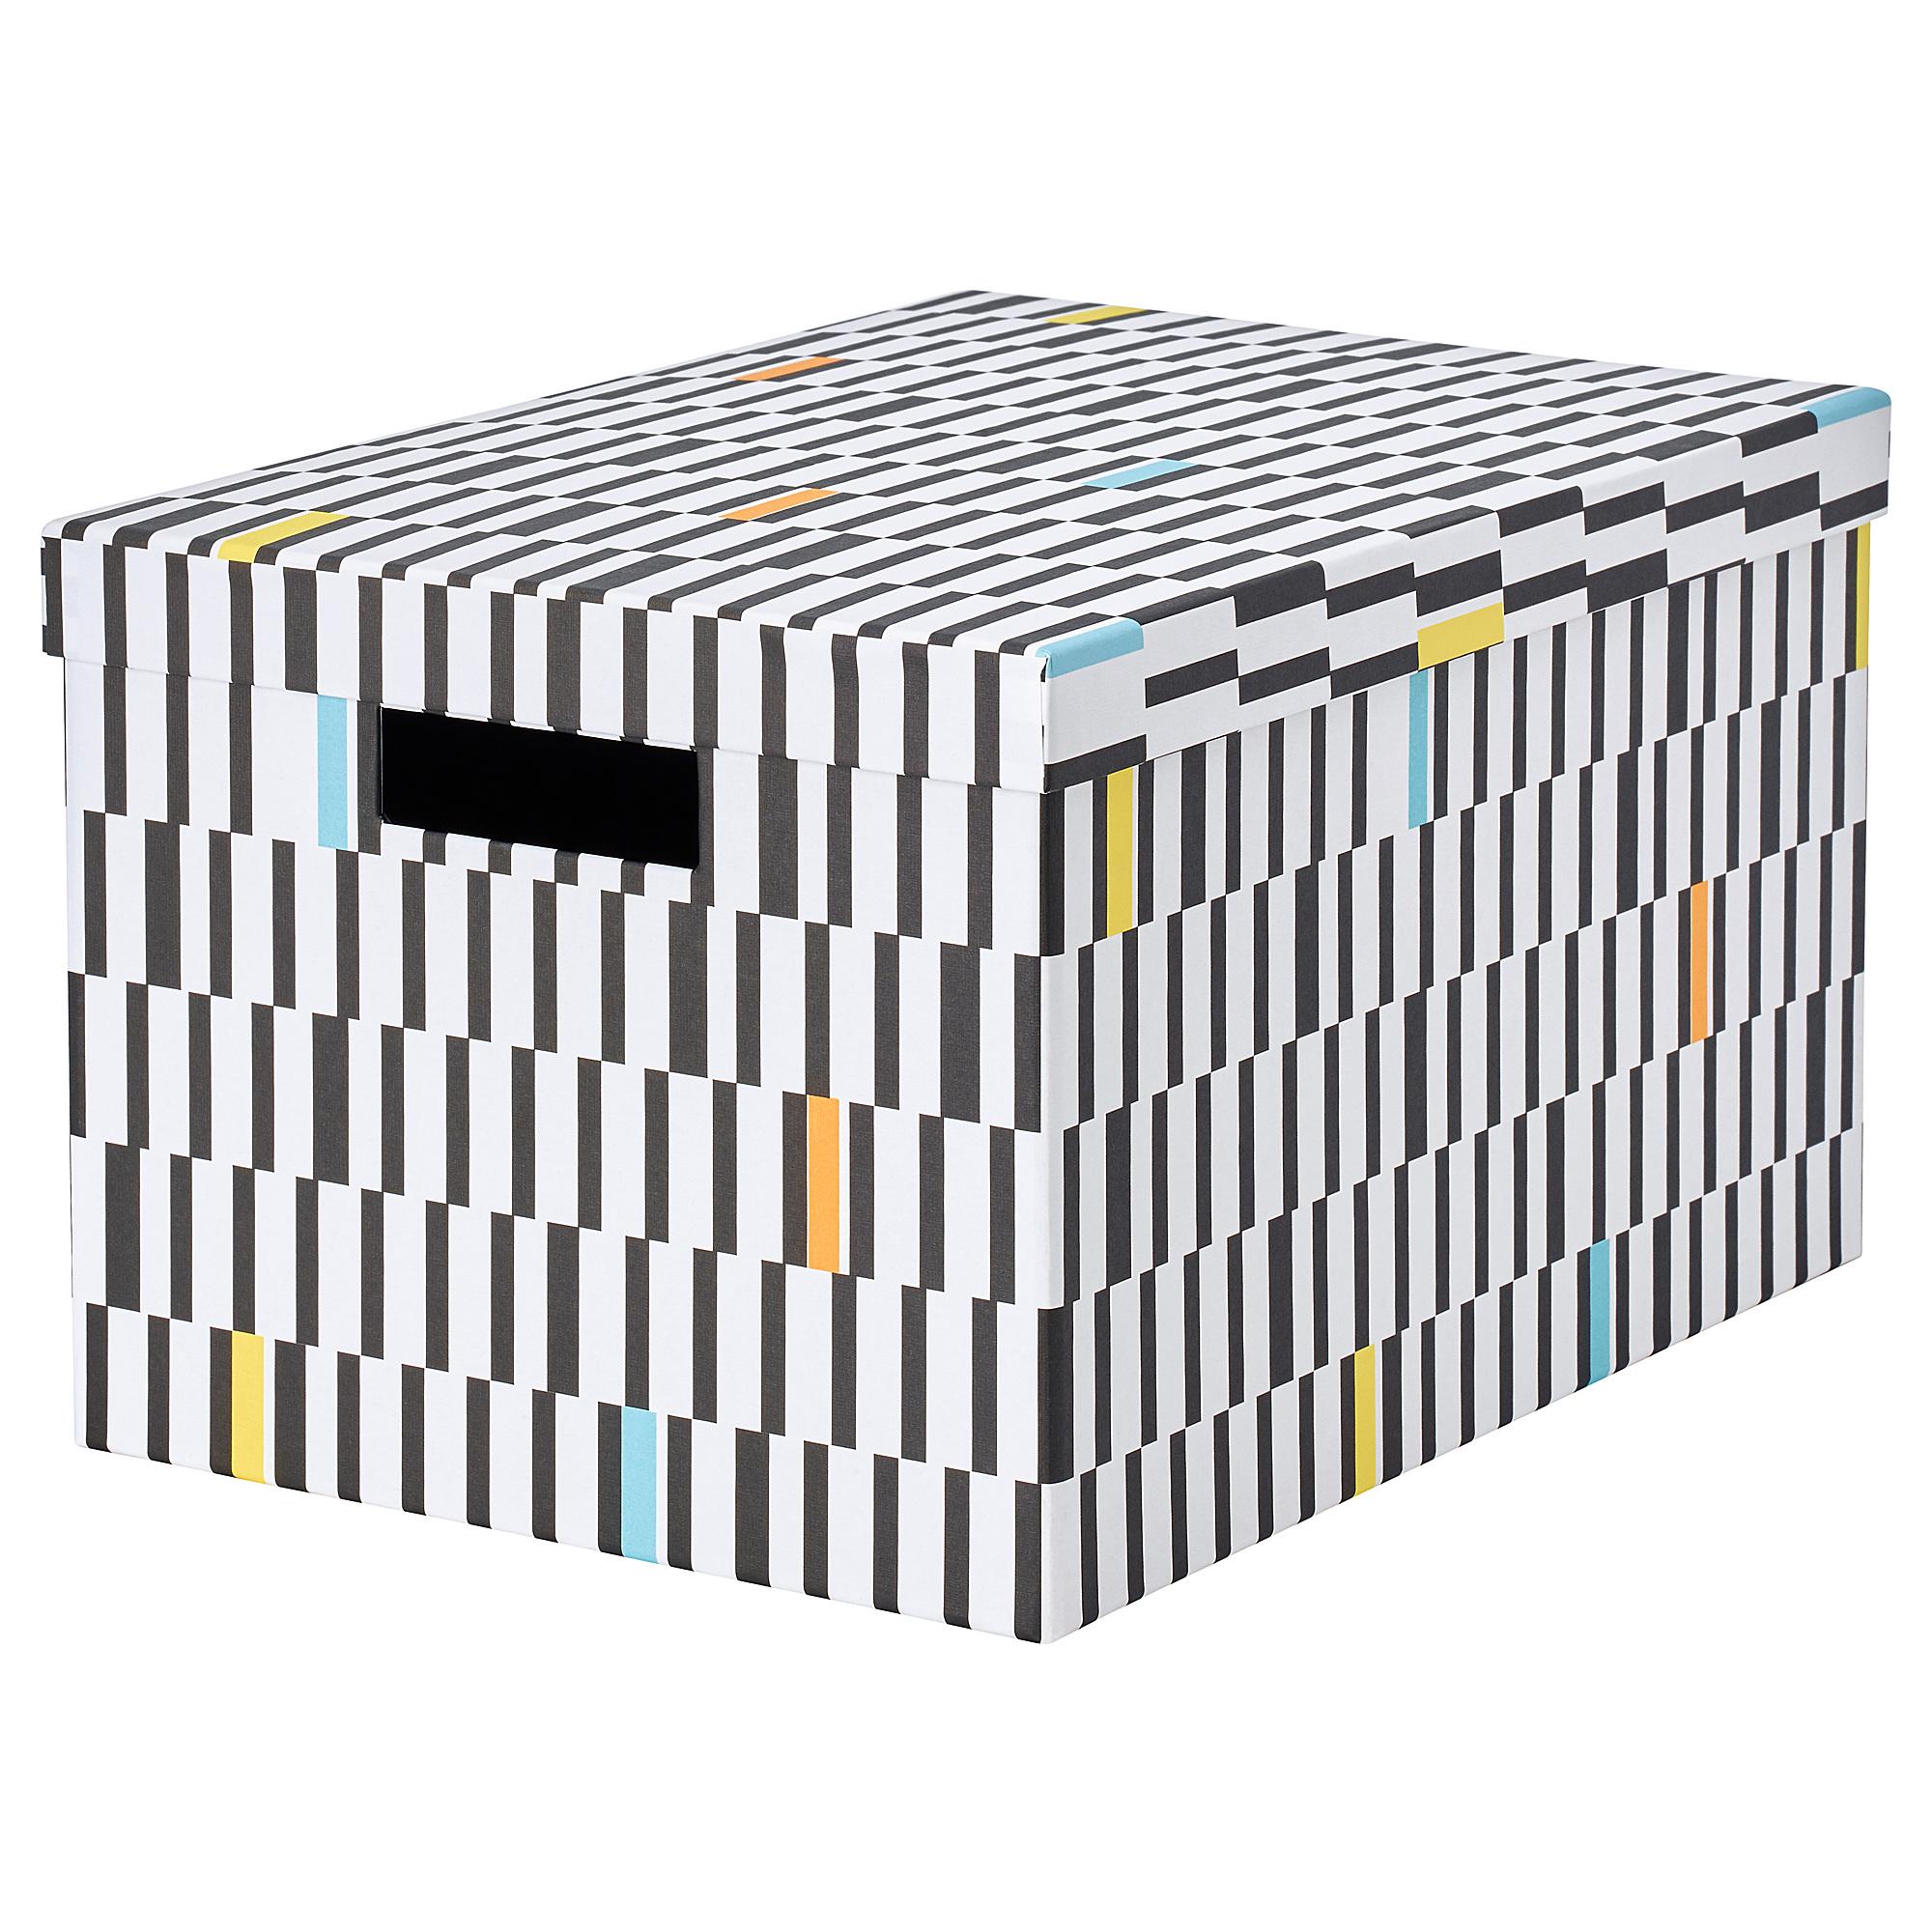 Коробка с крышкой ТЬЕНА черный/белый артикуль № 403.745.25 в наличии. Online магазин IKEA Беларусь. Недорогая доставка и установка.